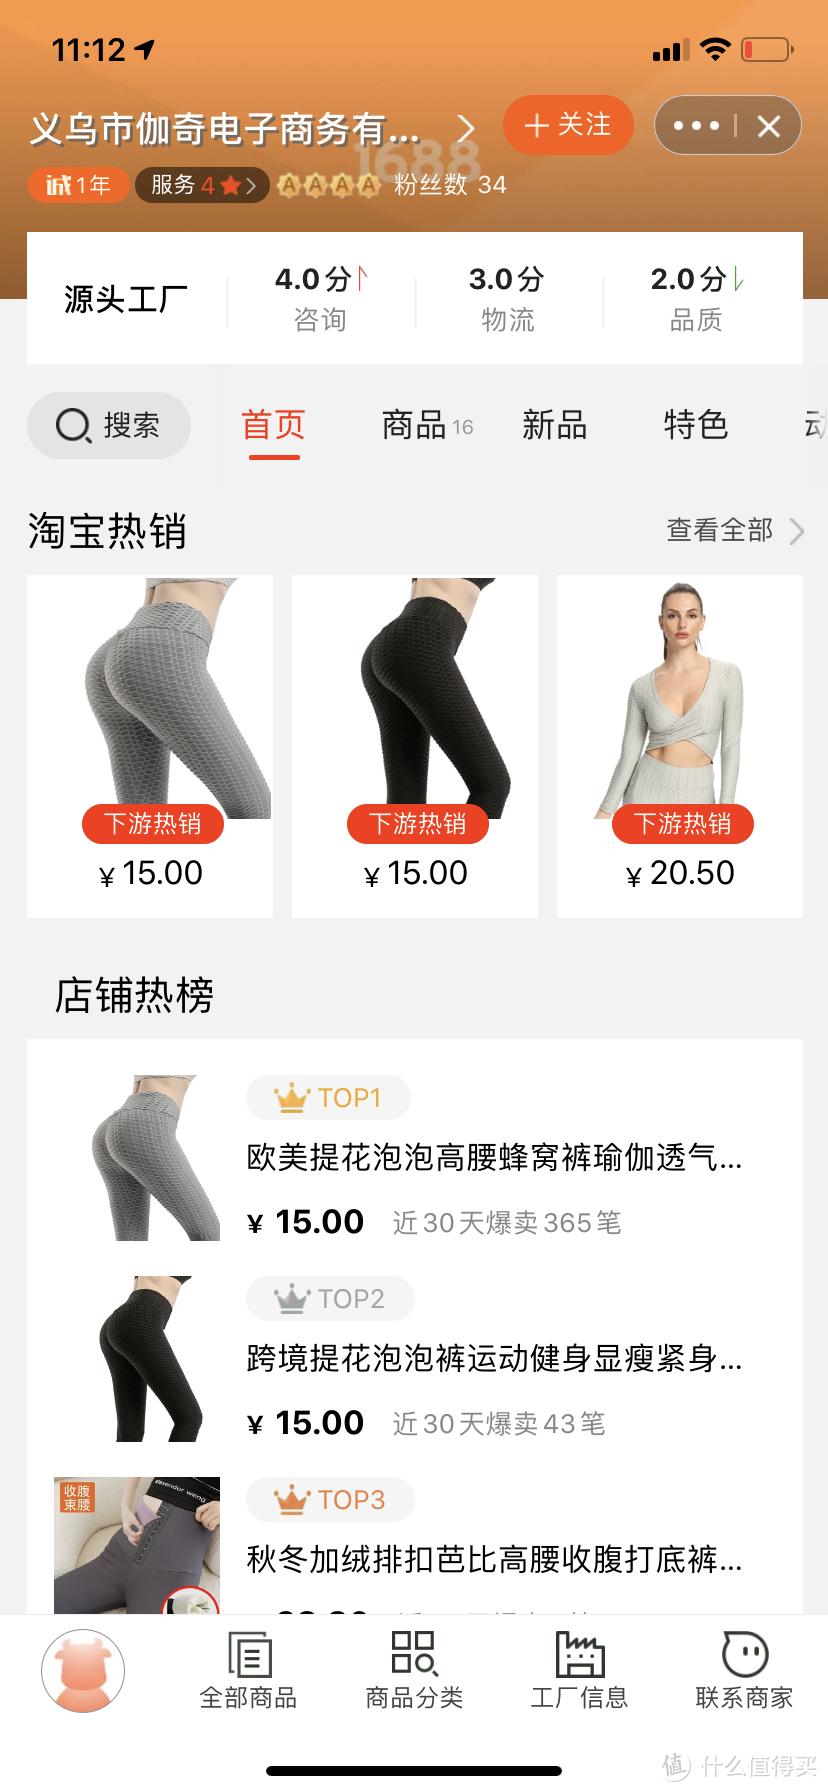 1688瑜伽裤怎么买?紧身衣源头厂家都在这里